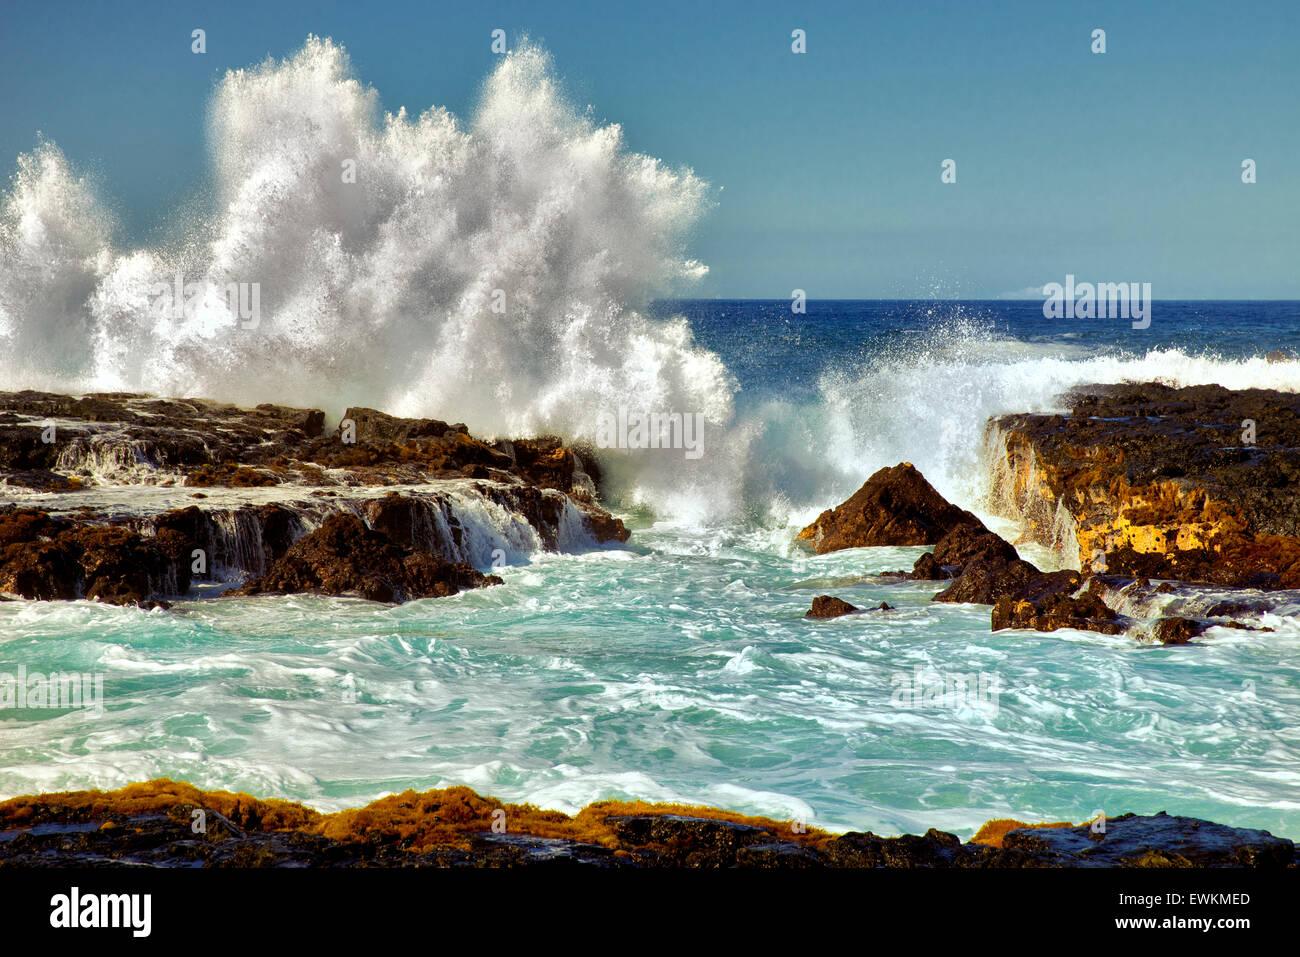 Ola rompiendo. Hawai, la Isla Grande. Foto de stock